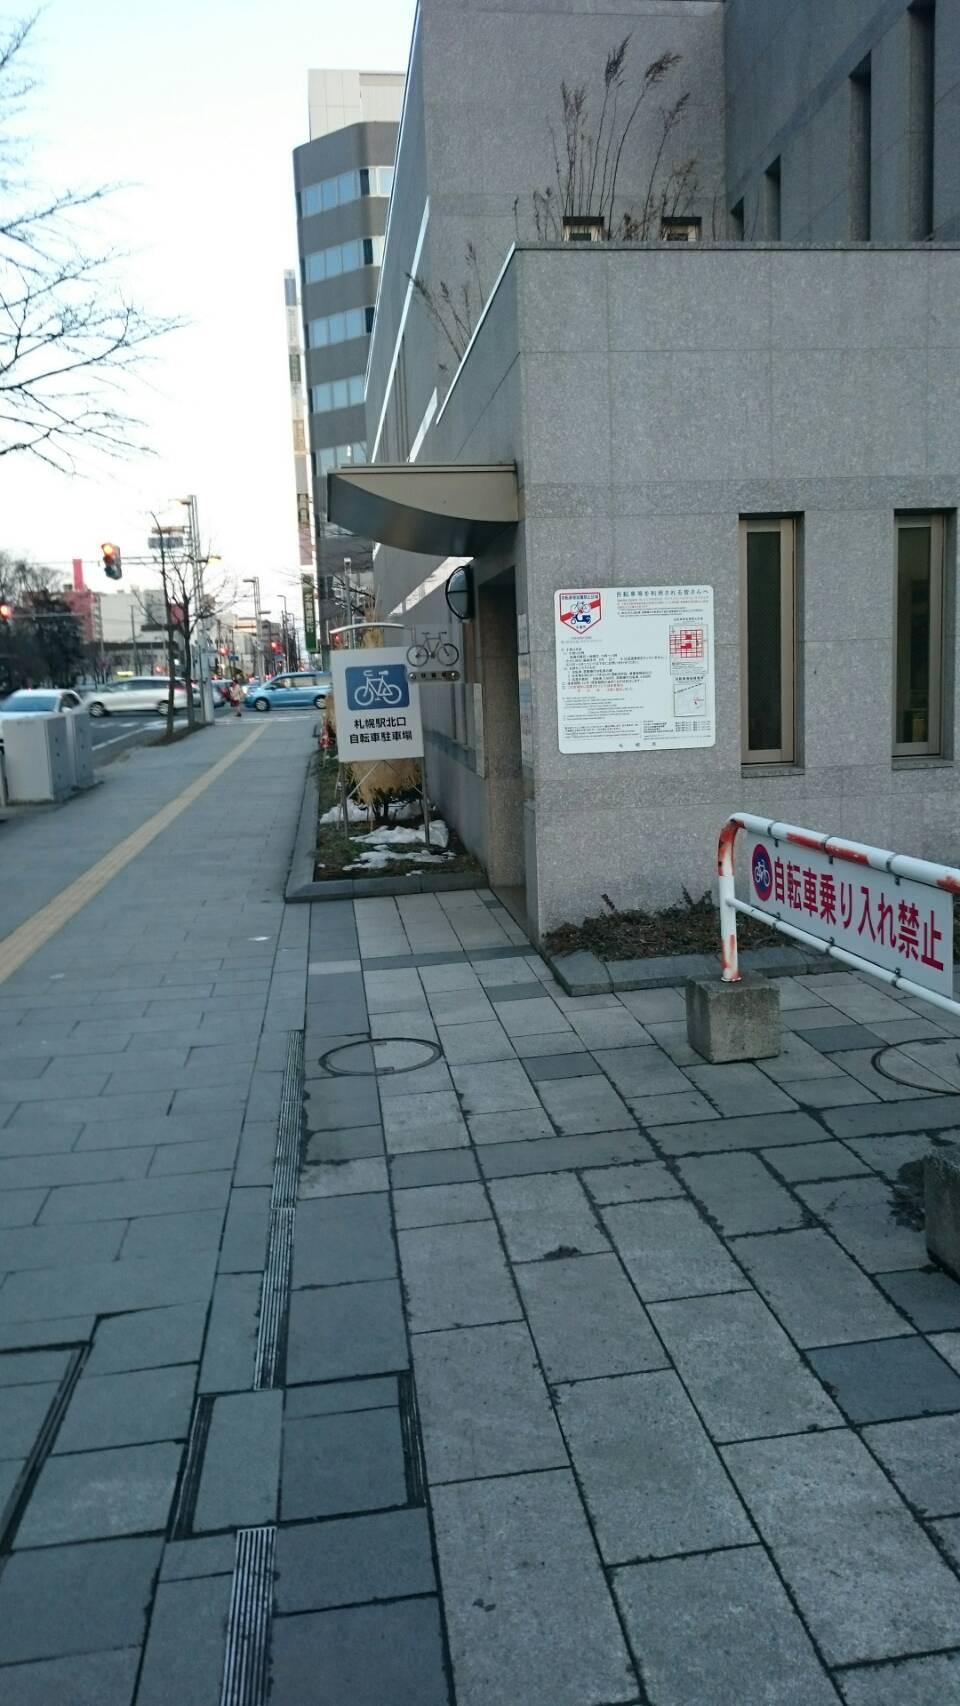 12月3日から保管してもらっていた自転車を取りに行ってきました。